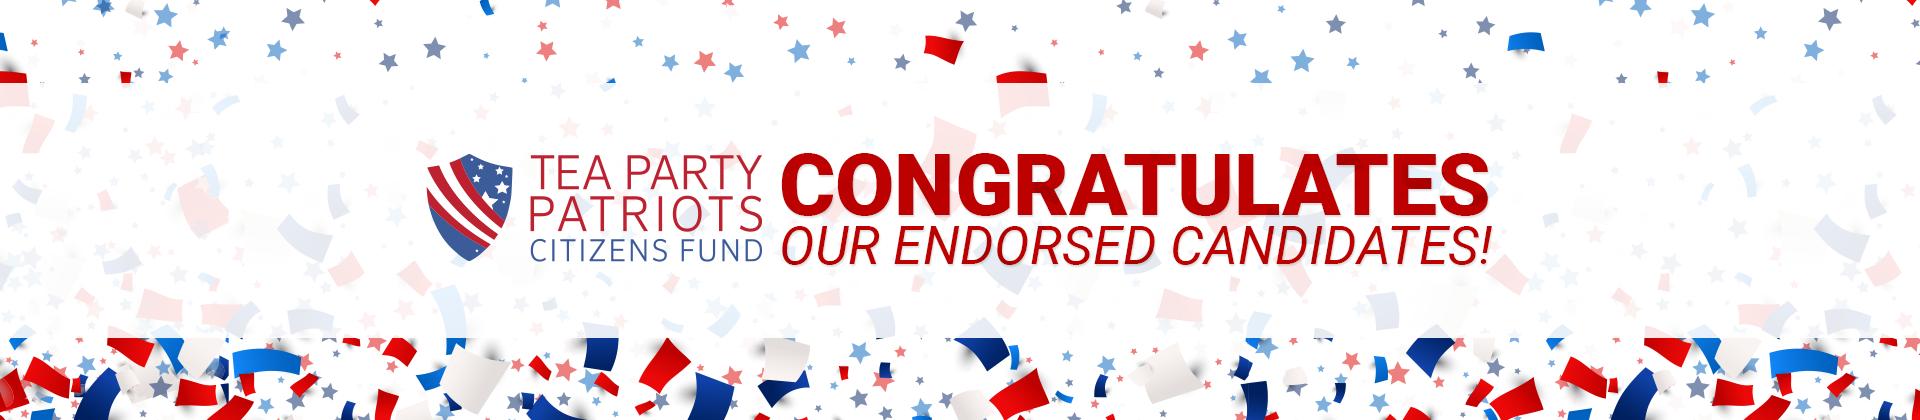 Tea Party Patriots | Endorsements